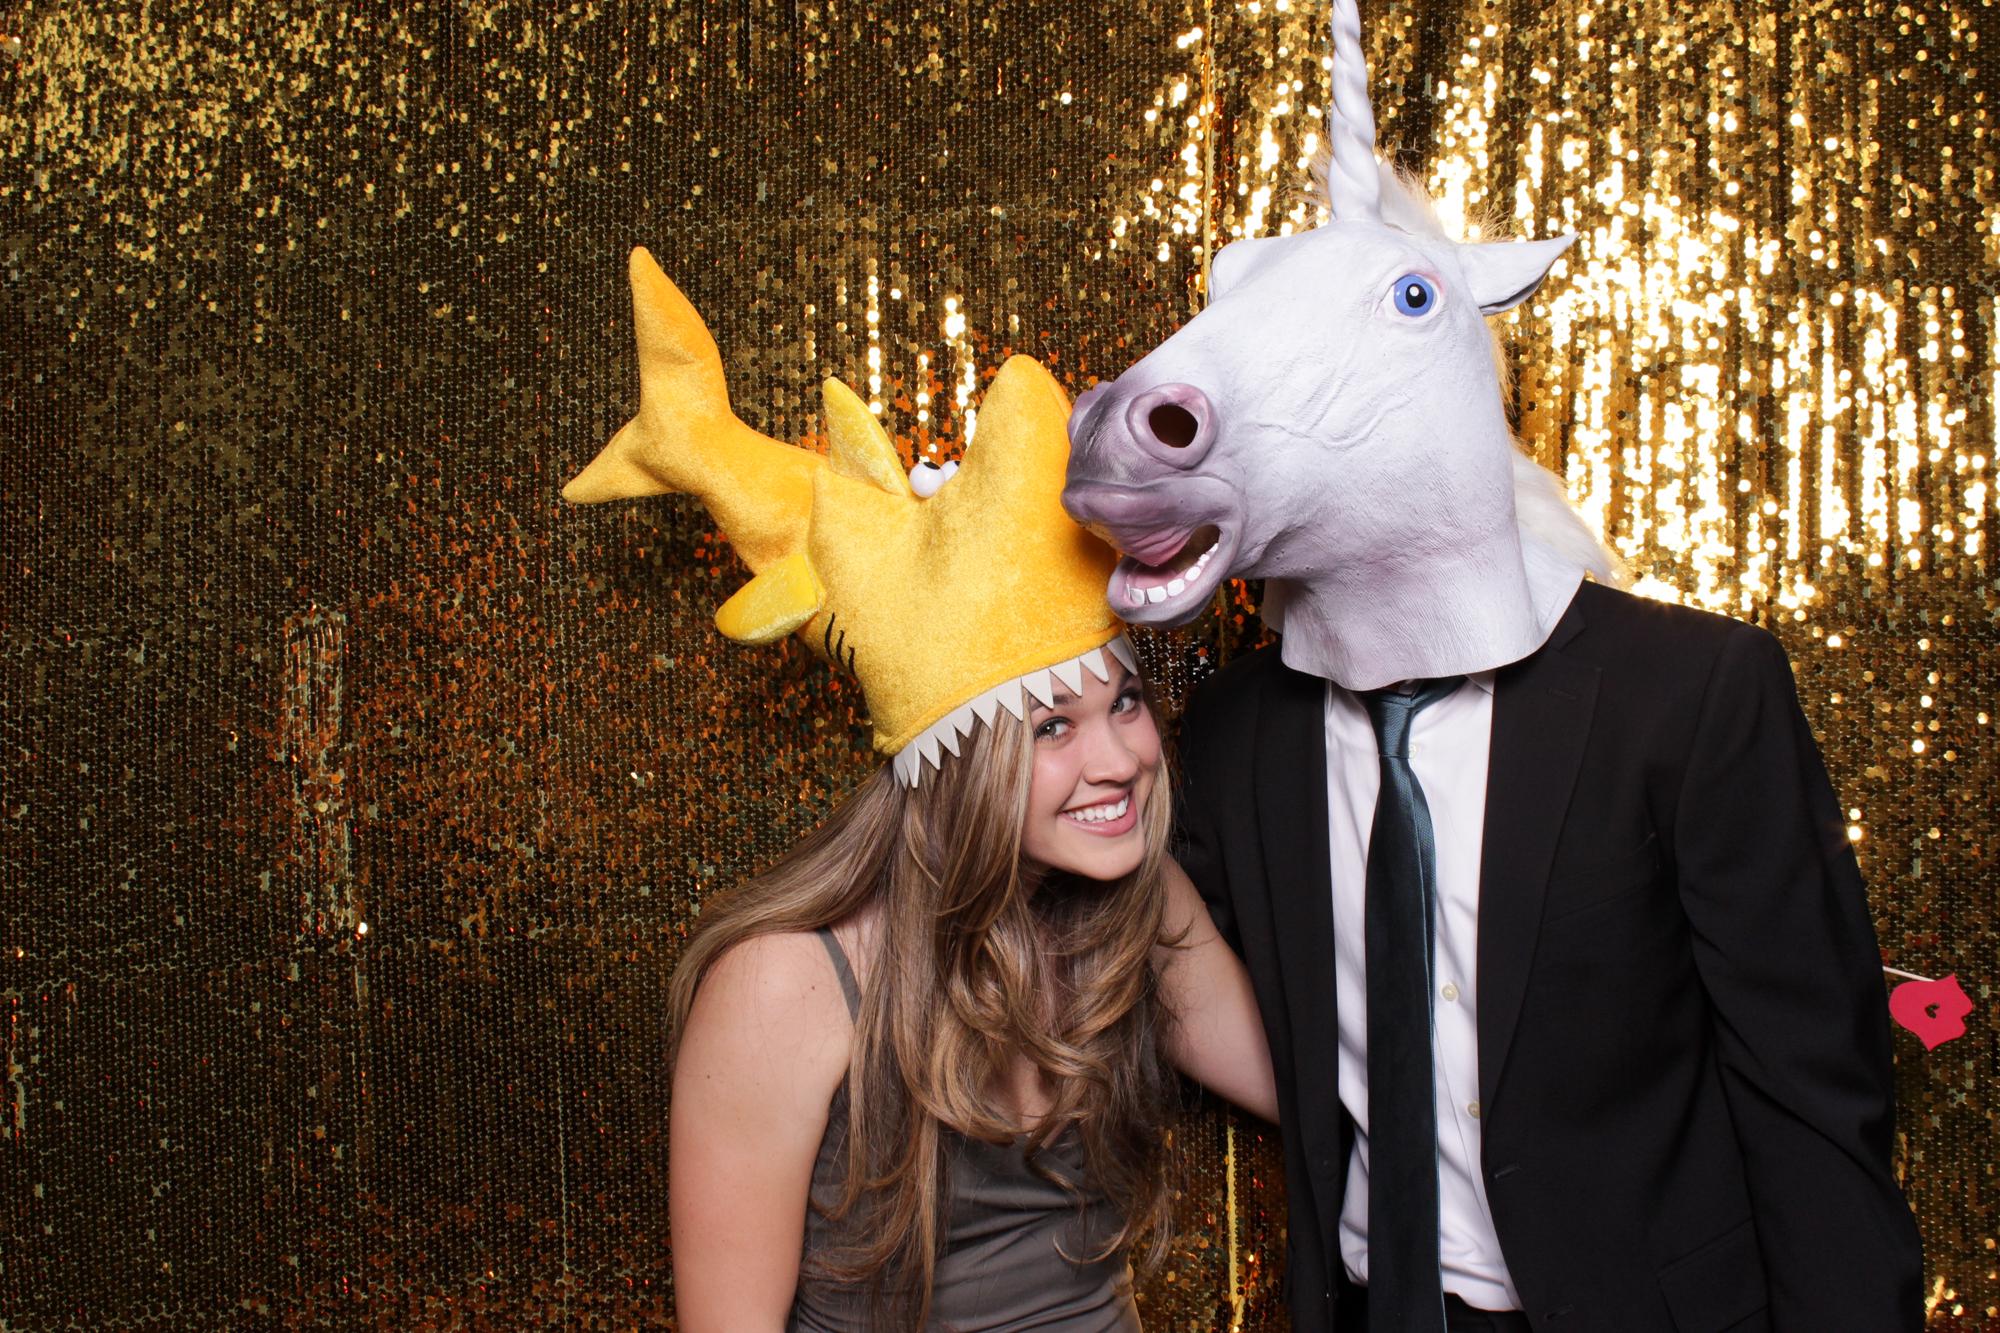 Shark + Unicorn = Winning!